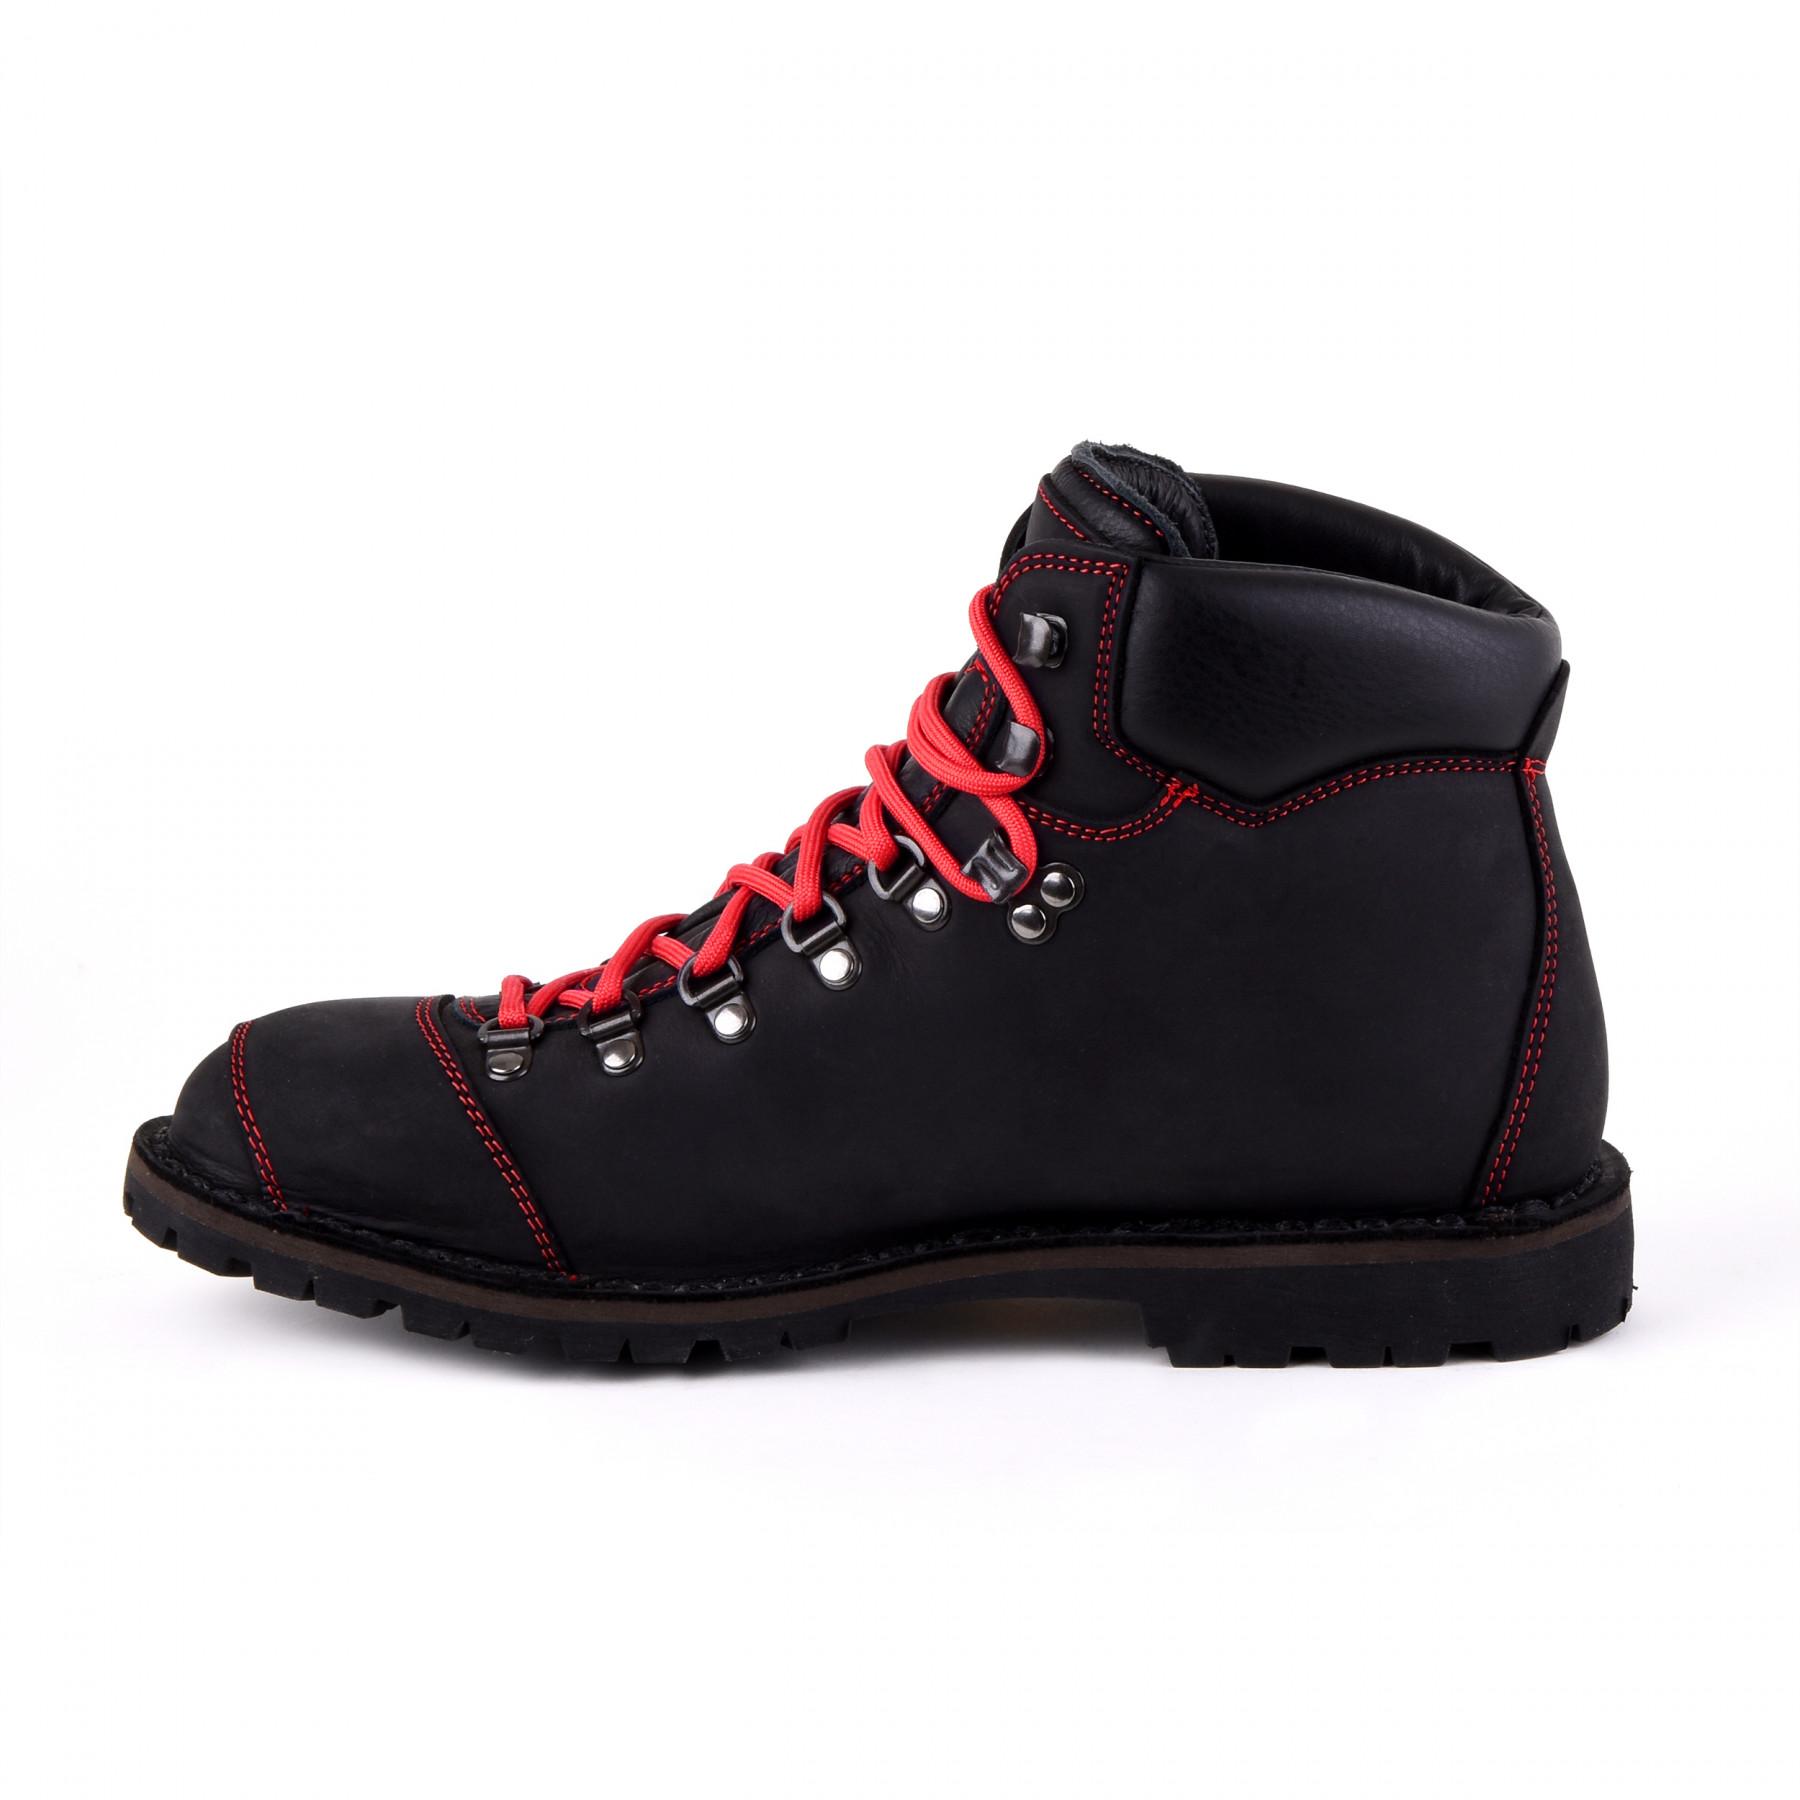 Biker Boot Adventure Denver Black, black ladies boot, red stitching, size 36